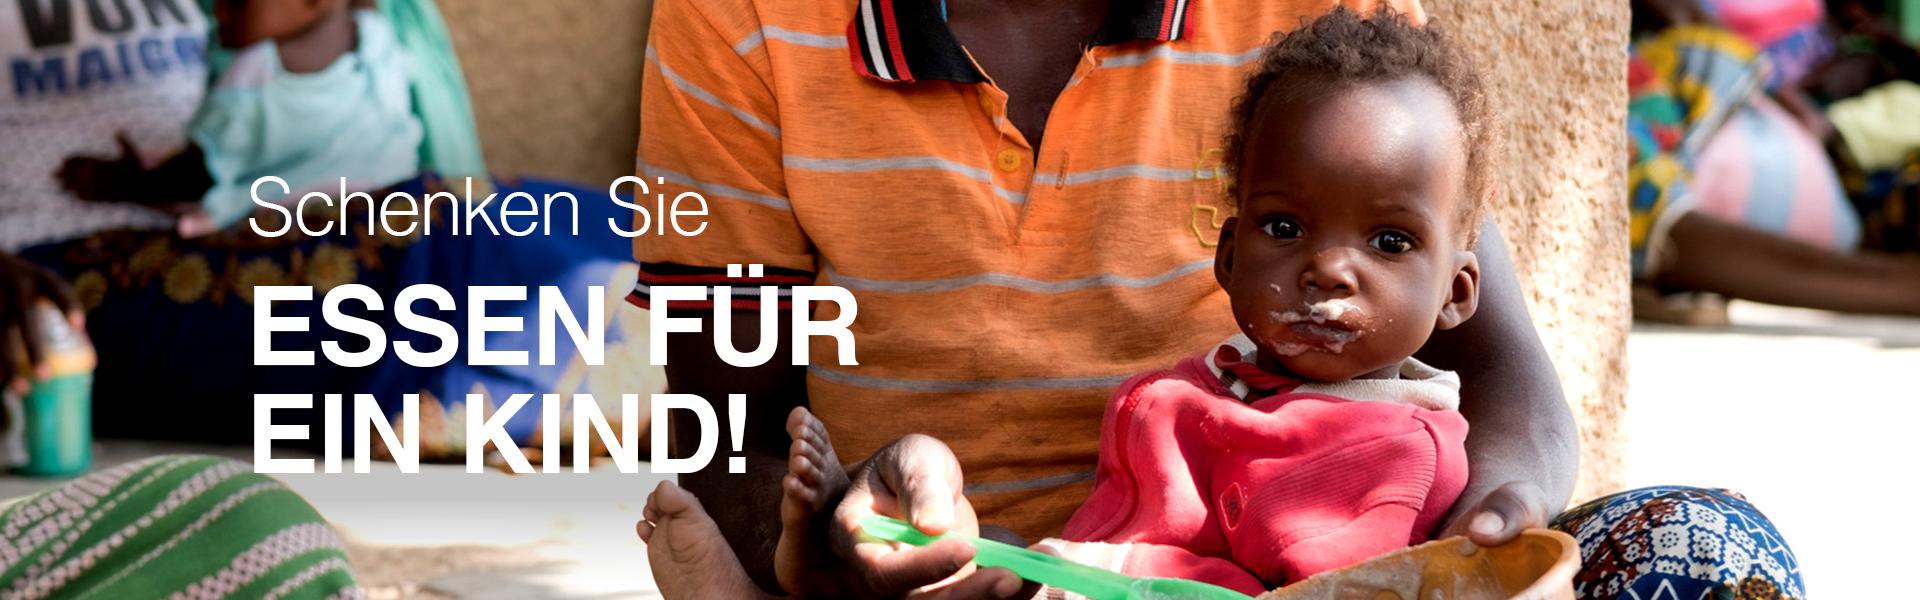 Schenken Sie ein Hilfspaket für Kinder in Syrien